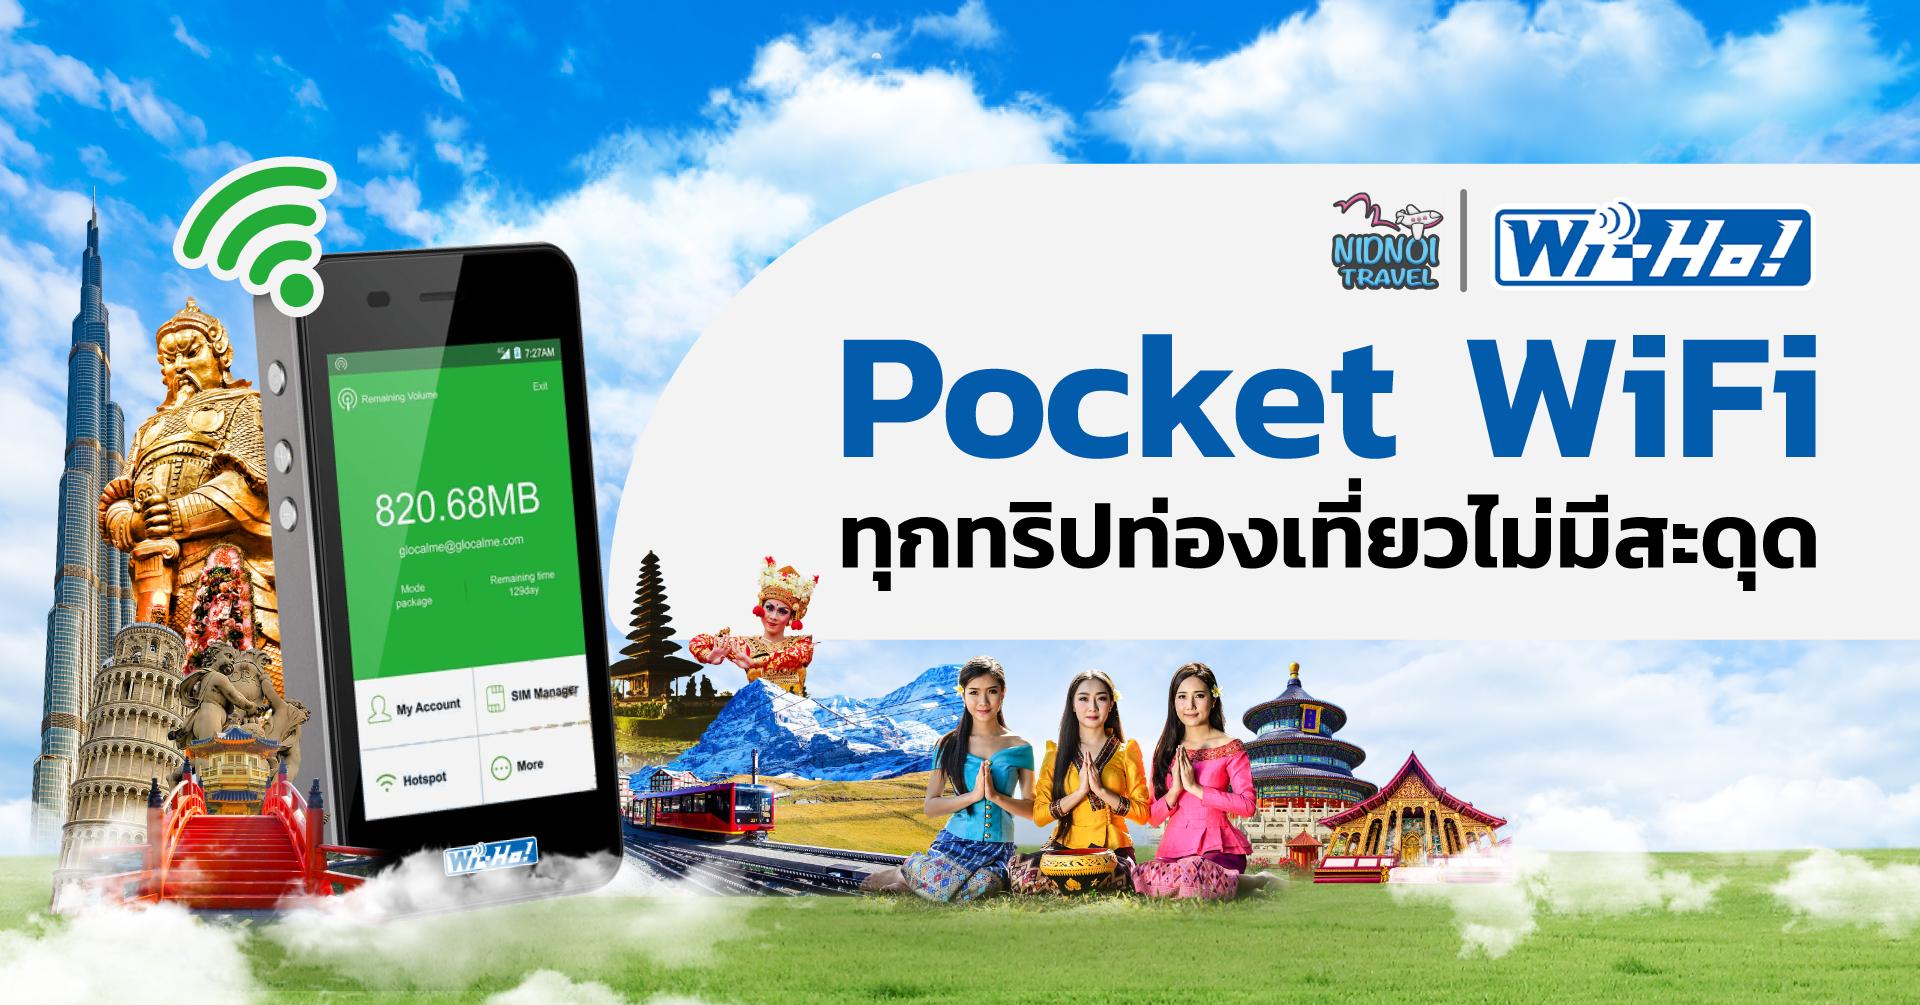 ทุกทริปท่องเที่ยวไม่มีสะดุด ด้วย Pocket WiFi